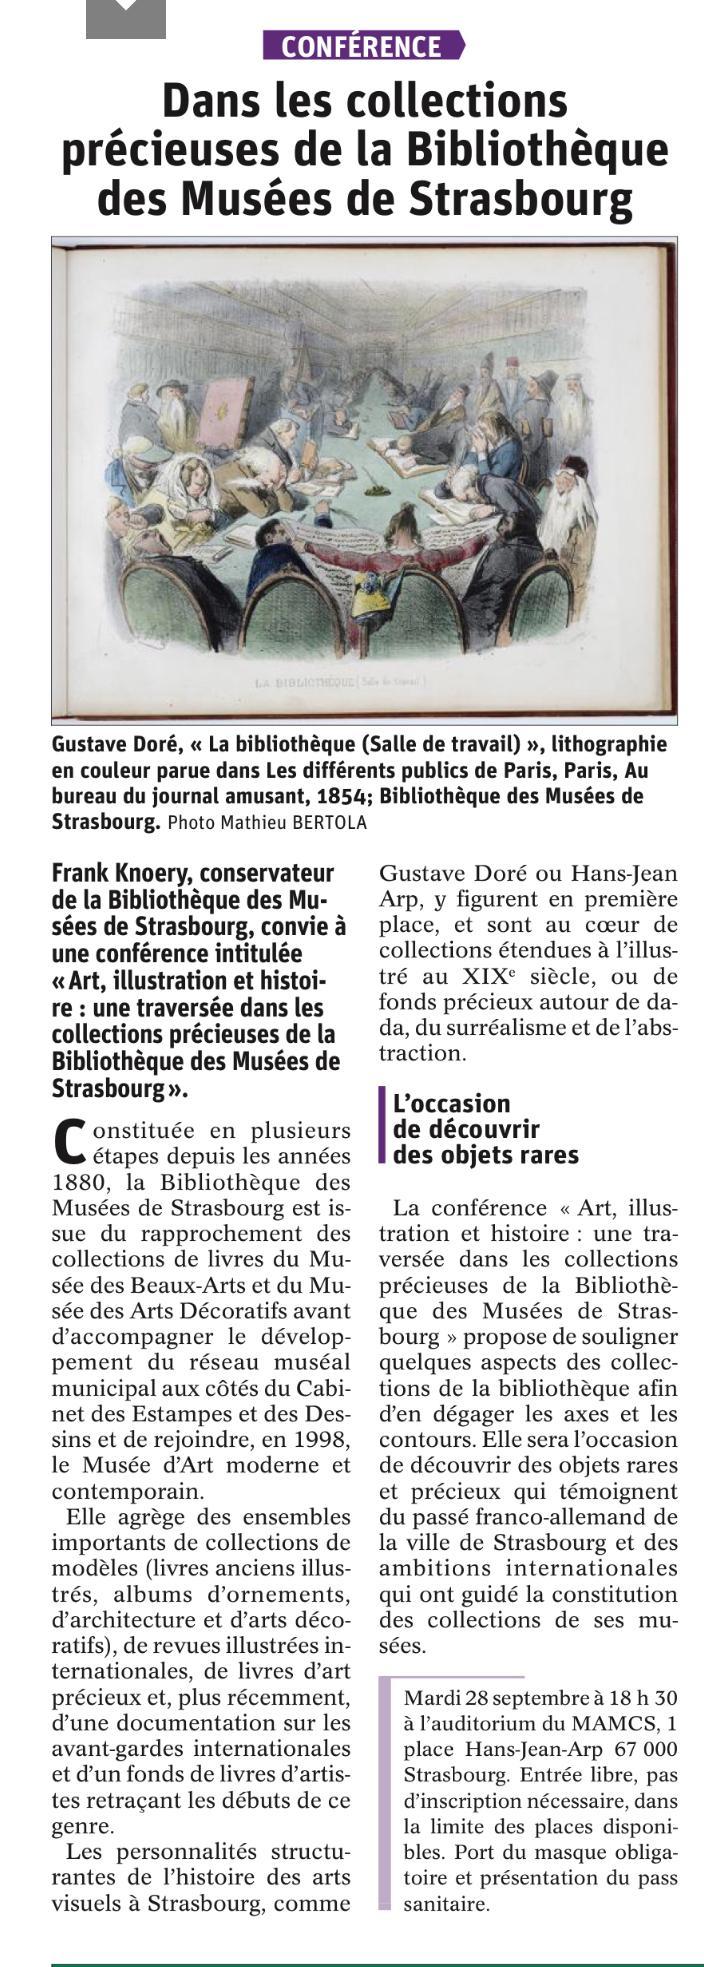 Conférence de M. Frank Knoery